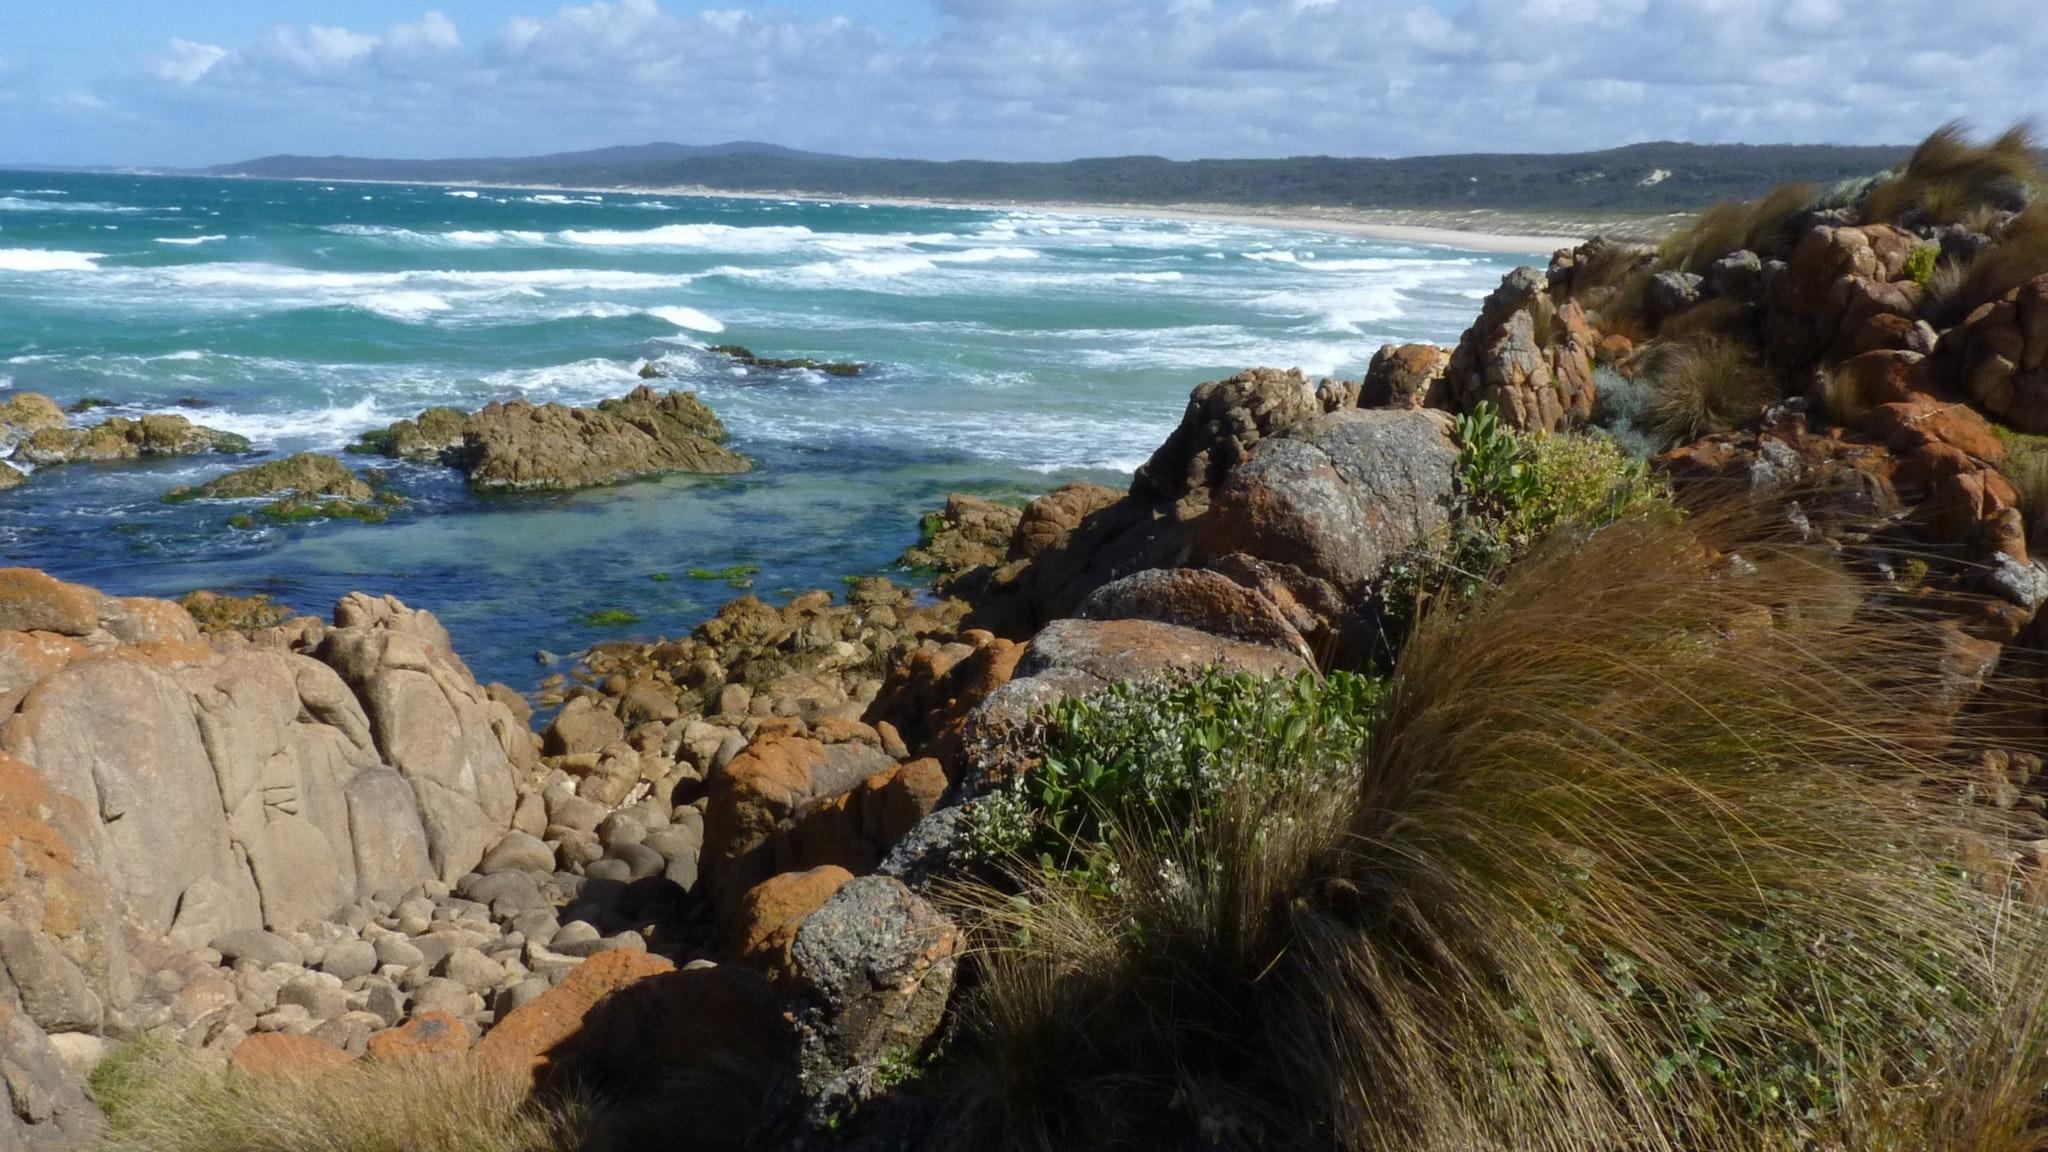 Croajingolong Wilderness Coast